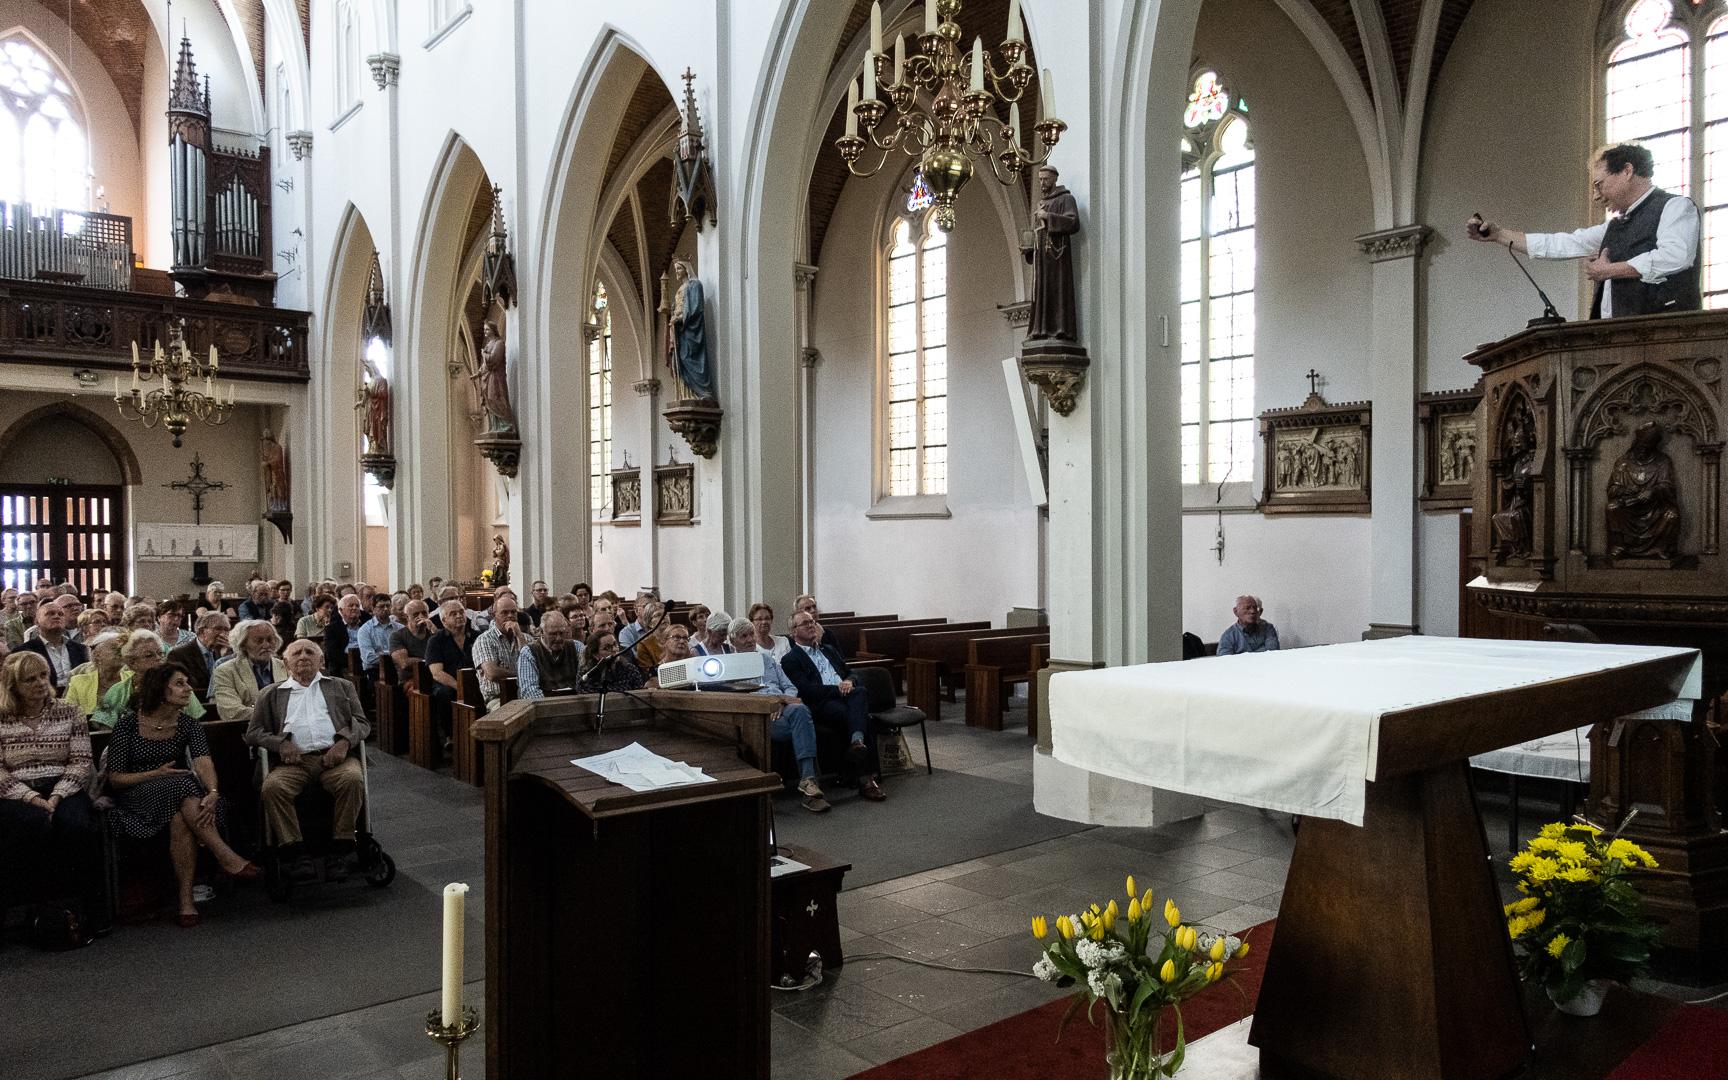 bernardvandam_20190421_photos_eerde_martijn-45.jpg